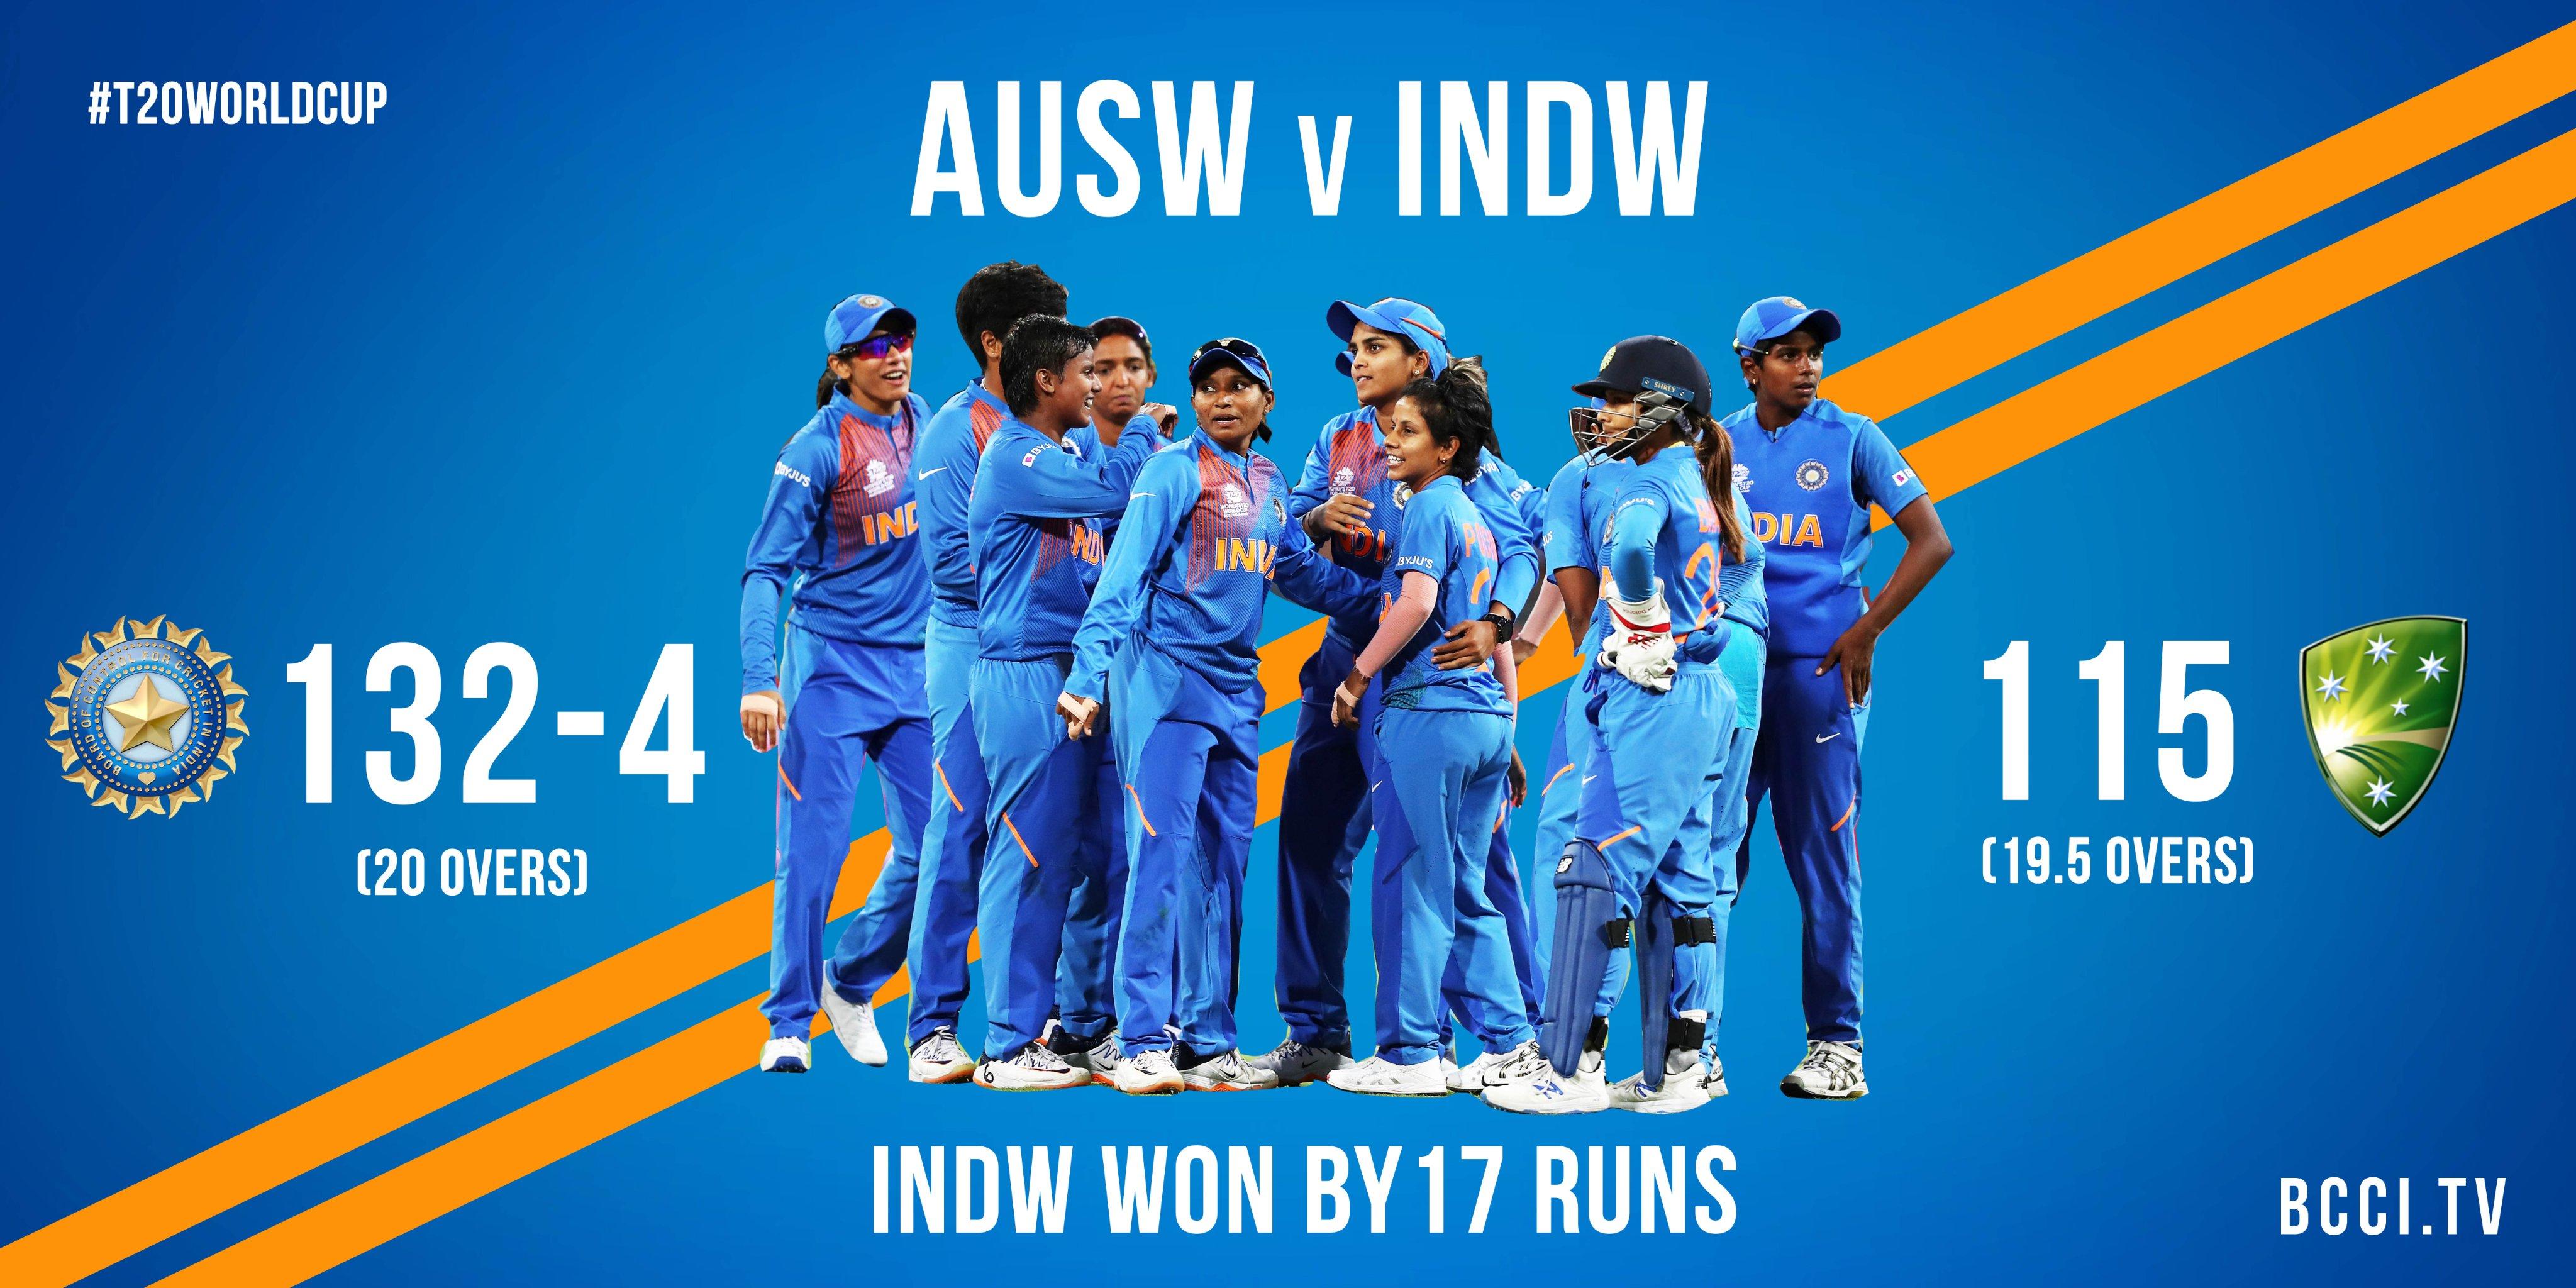 पूनम यादव ने महिला टी20 वर्ल्ड कप में किया अपना सर्वश्रेष्ठ प्रदर्शन, बनीं प्लेयर ऑफ द मैच